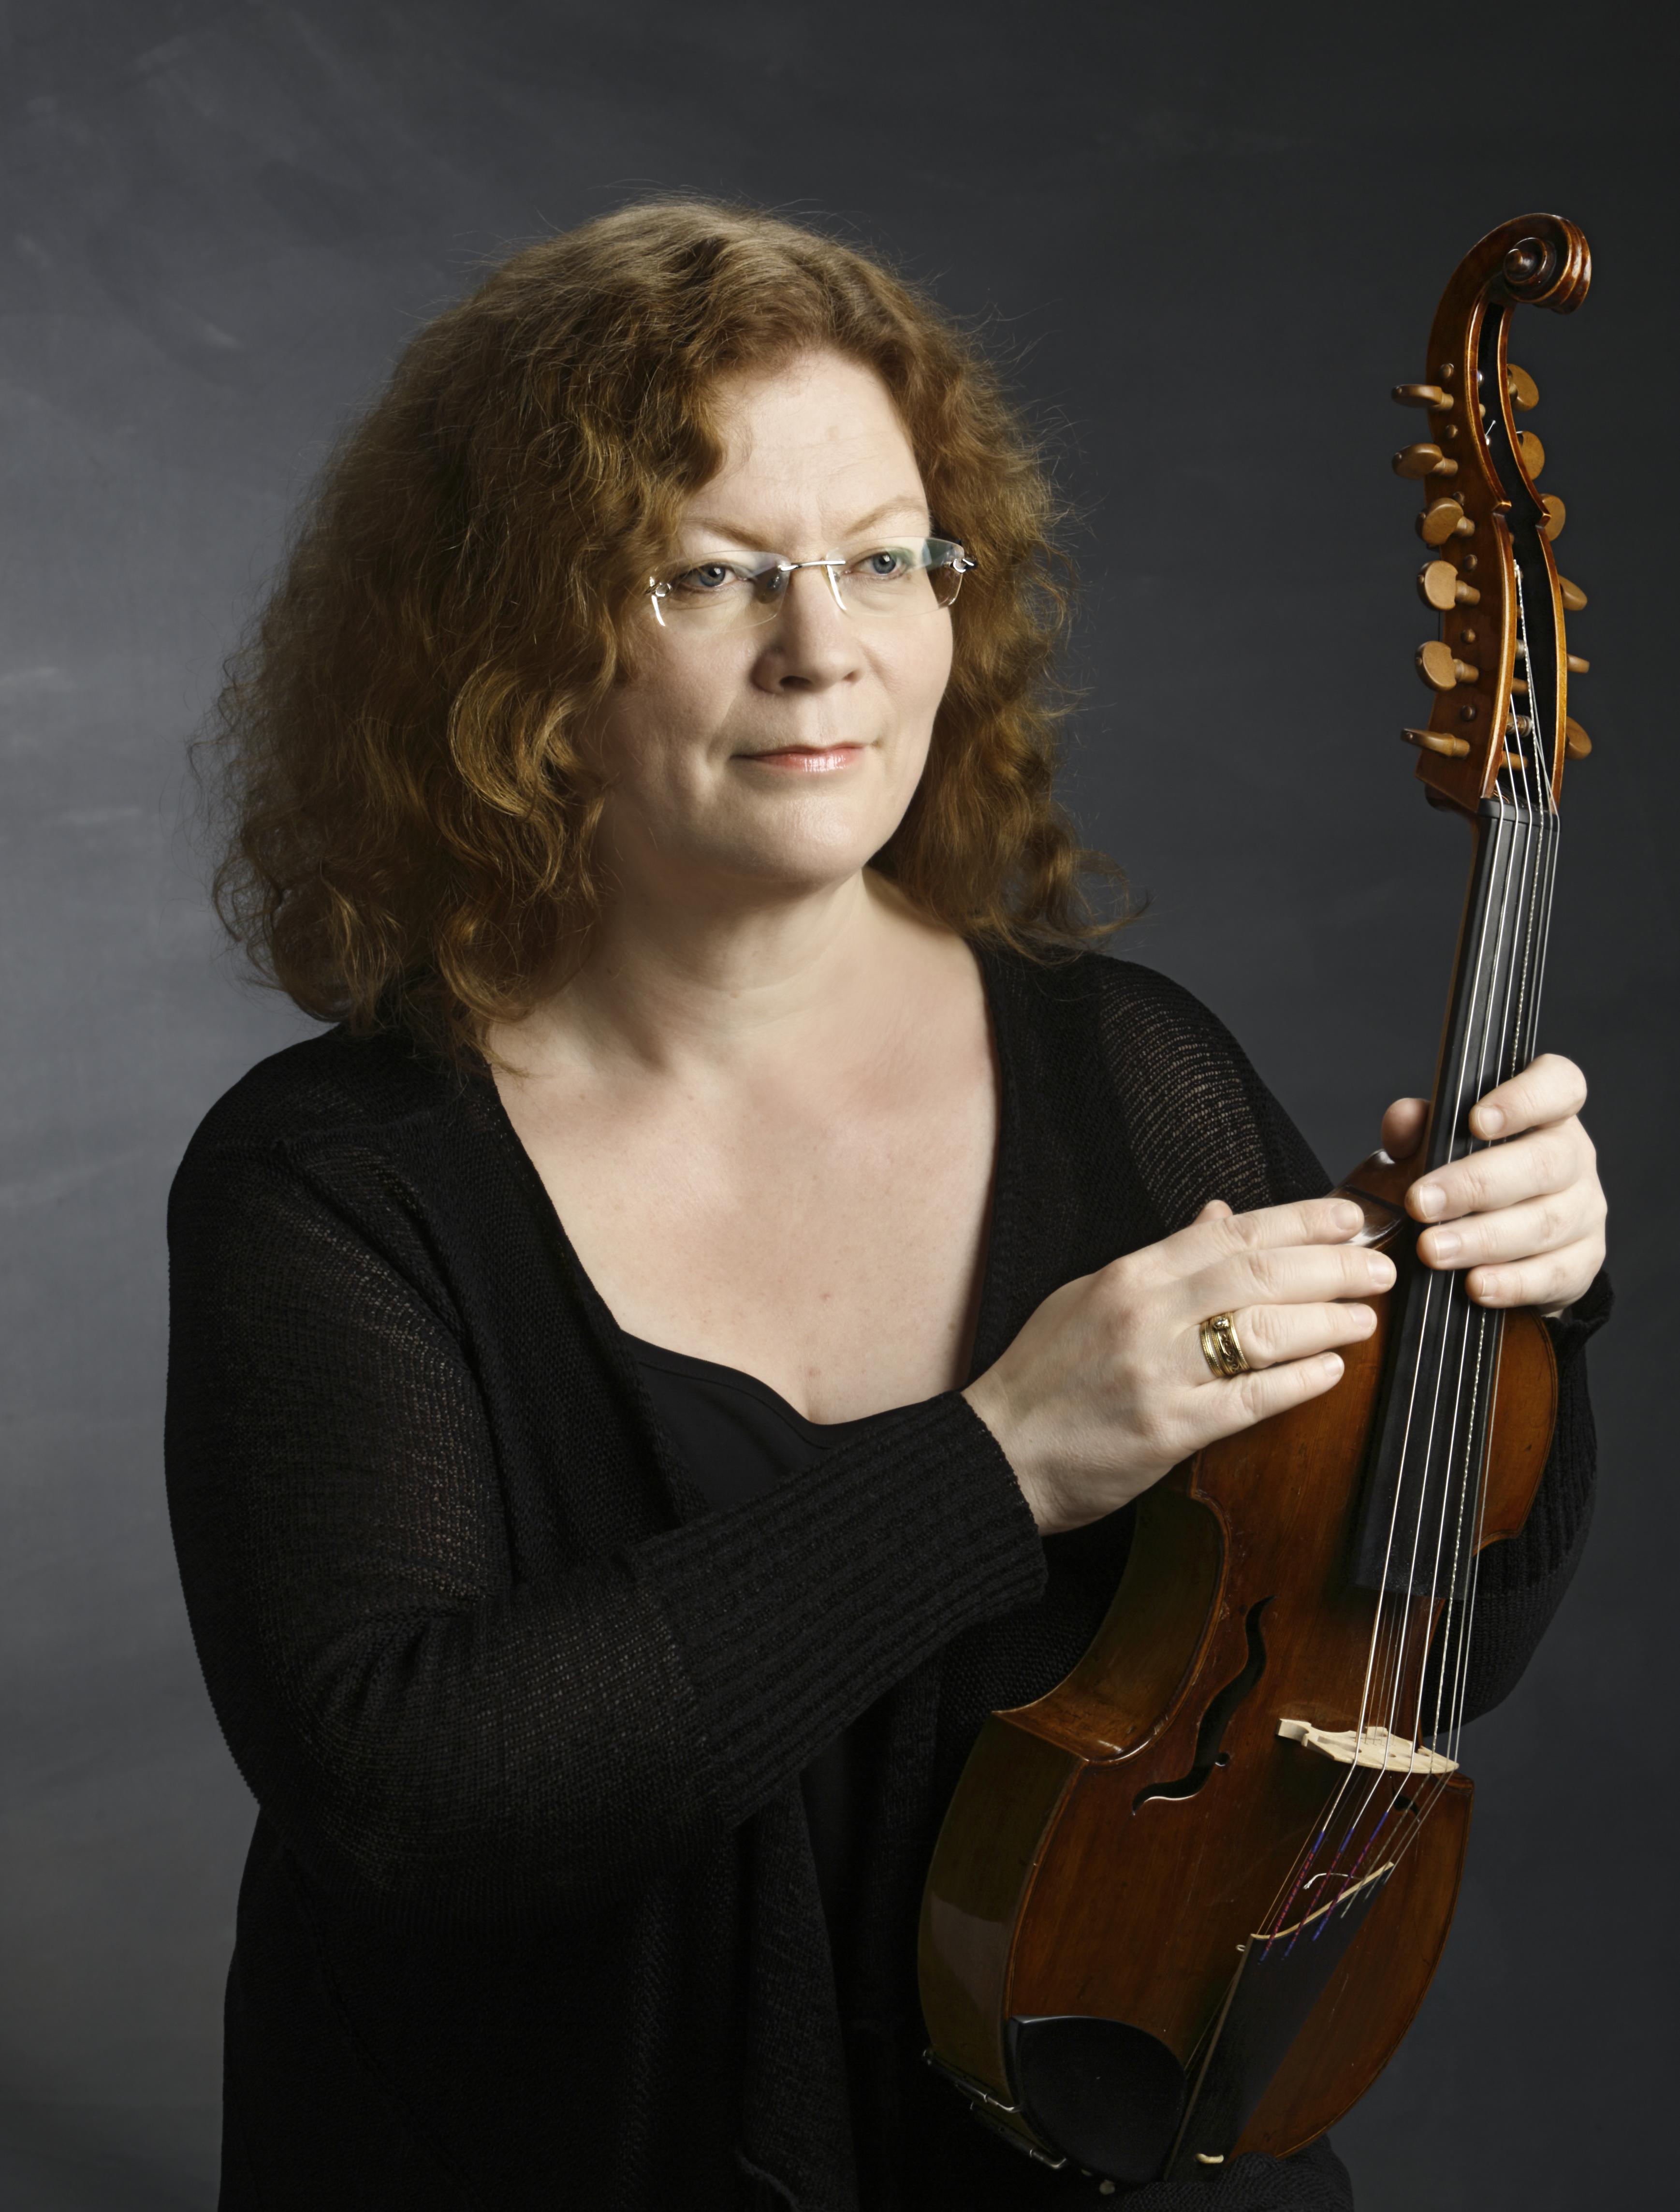 Sirkka-Liisa Kaakinen Pilch